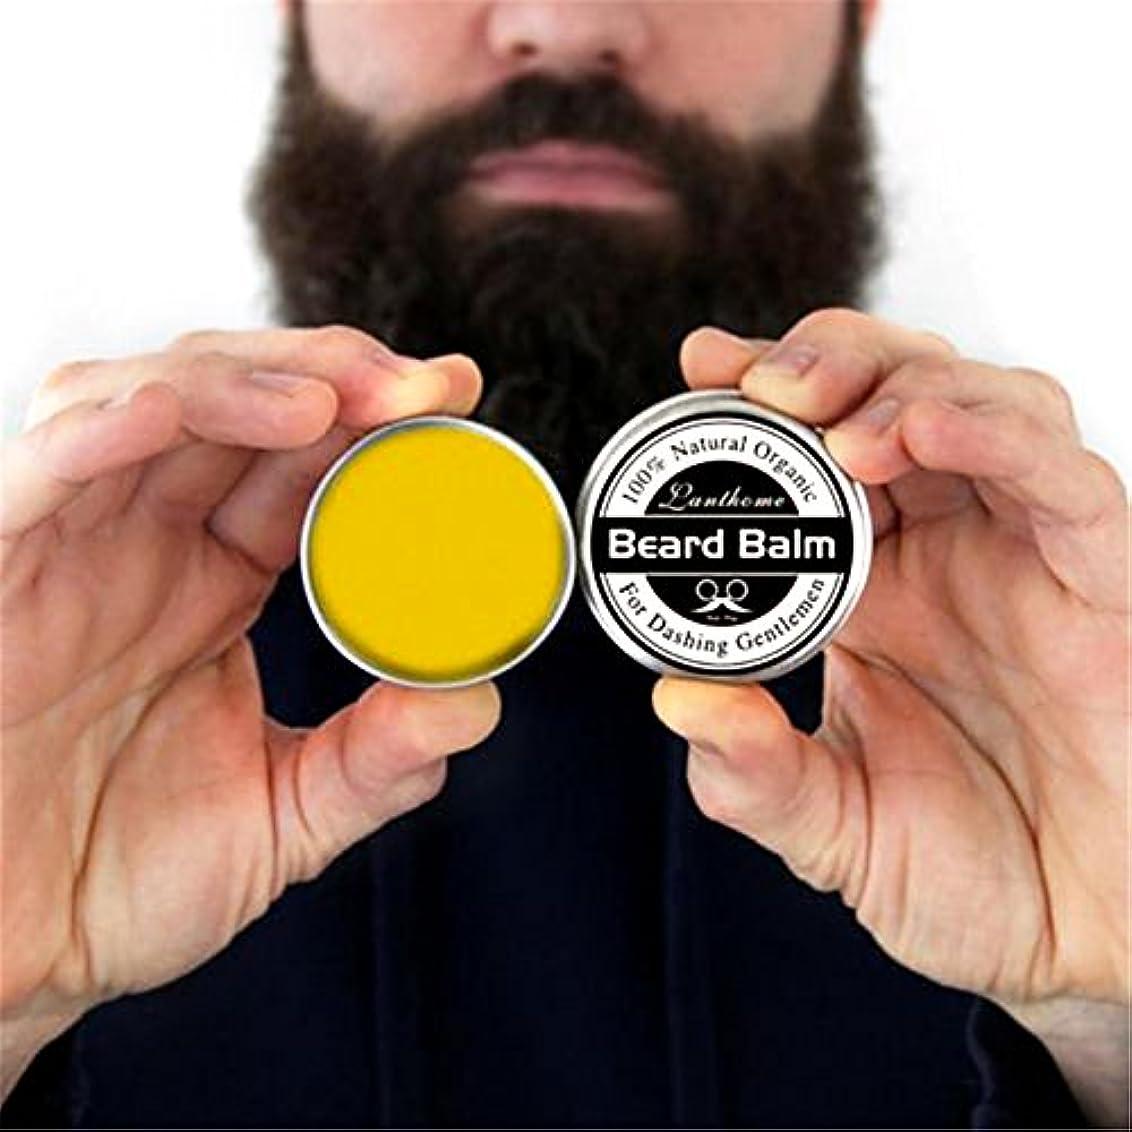 アヒル武器ネクタイRuier-tong ビアードバーム メンズひげワックス 口髭用ワックス ひげクリーム 保湿/滋養/ひげ根のケアなどの効果  ひげケア必需品 携帯便利